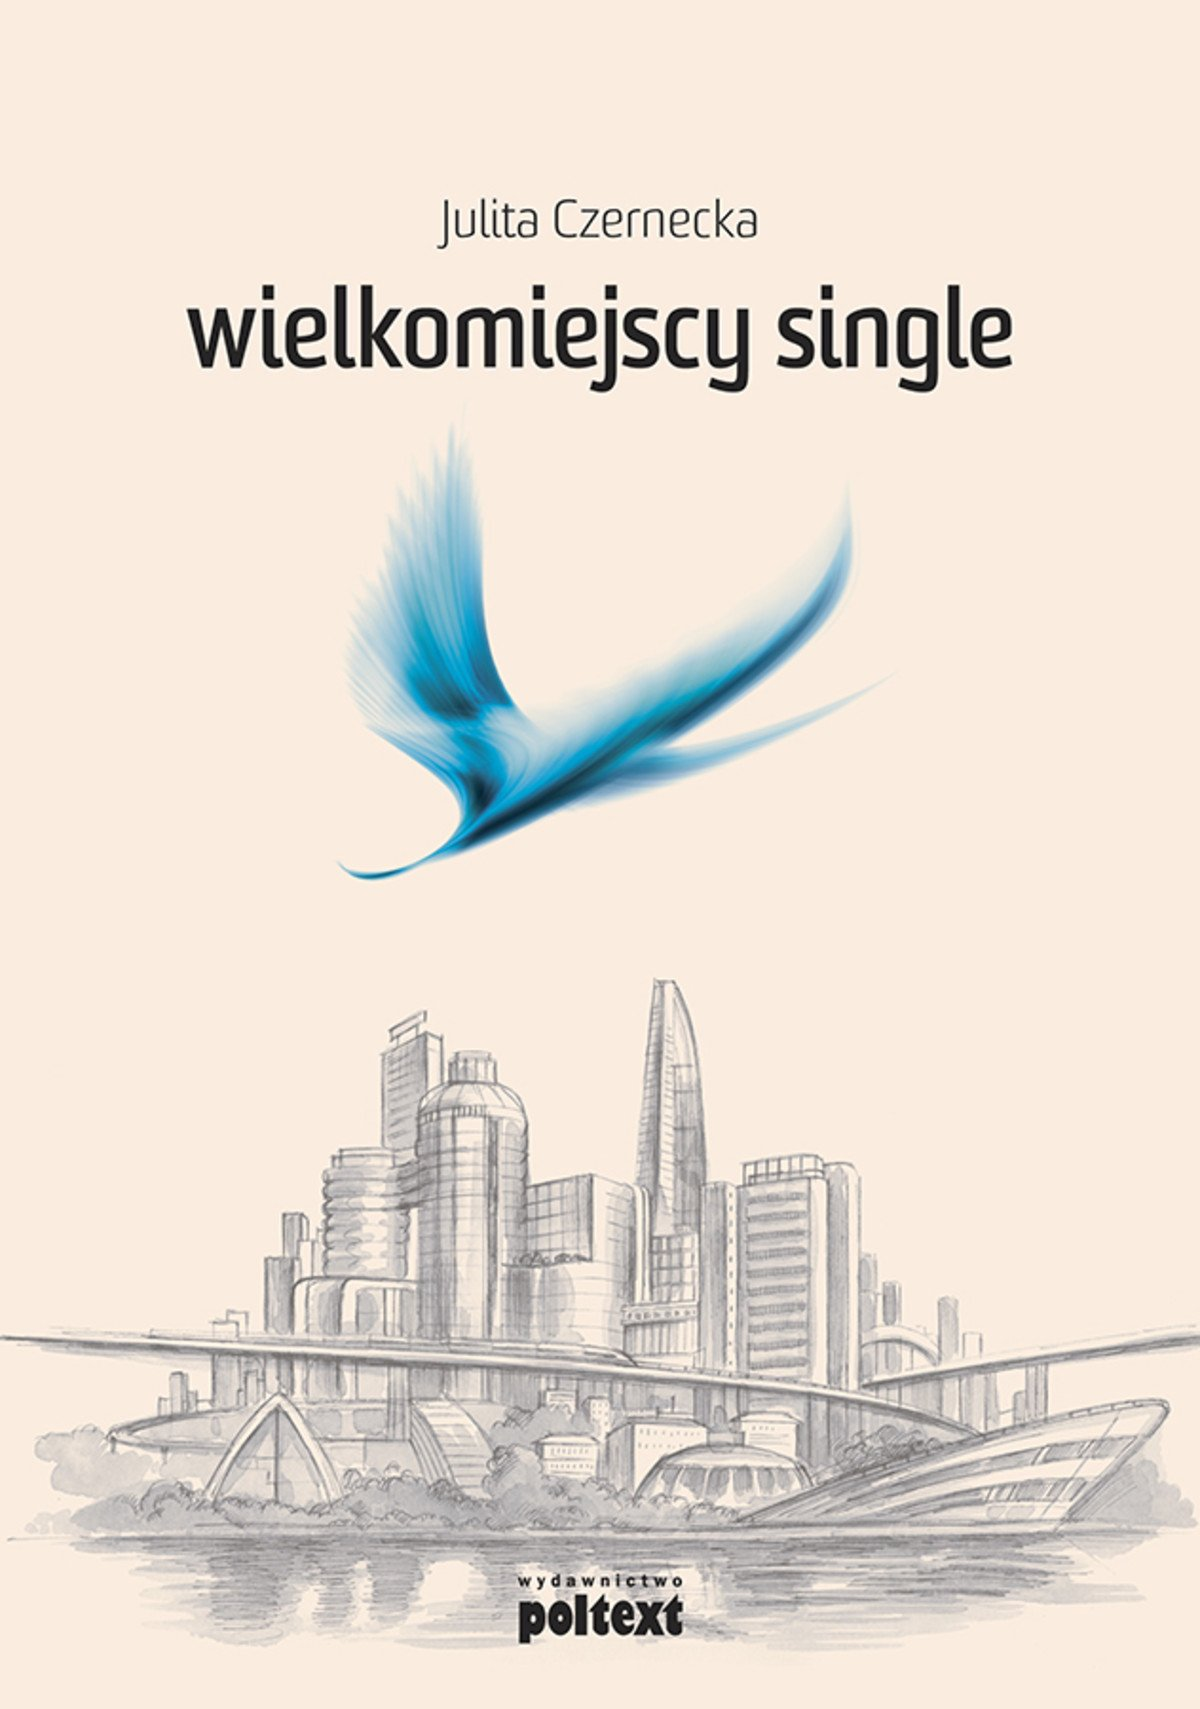 Wielkomiejscy single - Ebook (Książka na Kindle) do pobrania w formacie MOBI